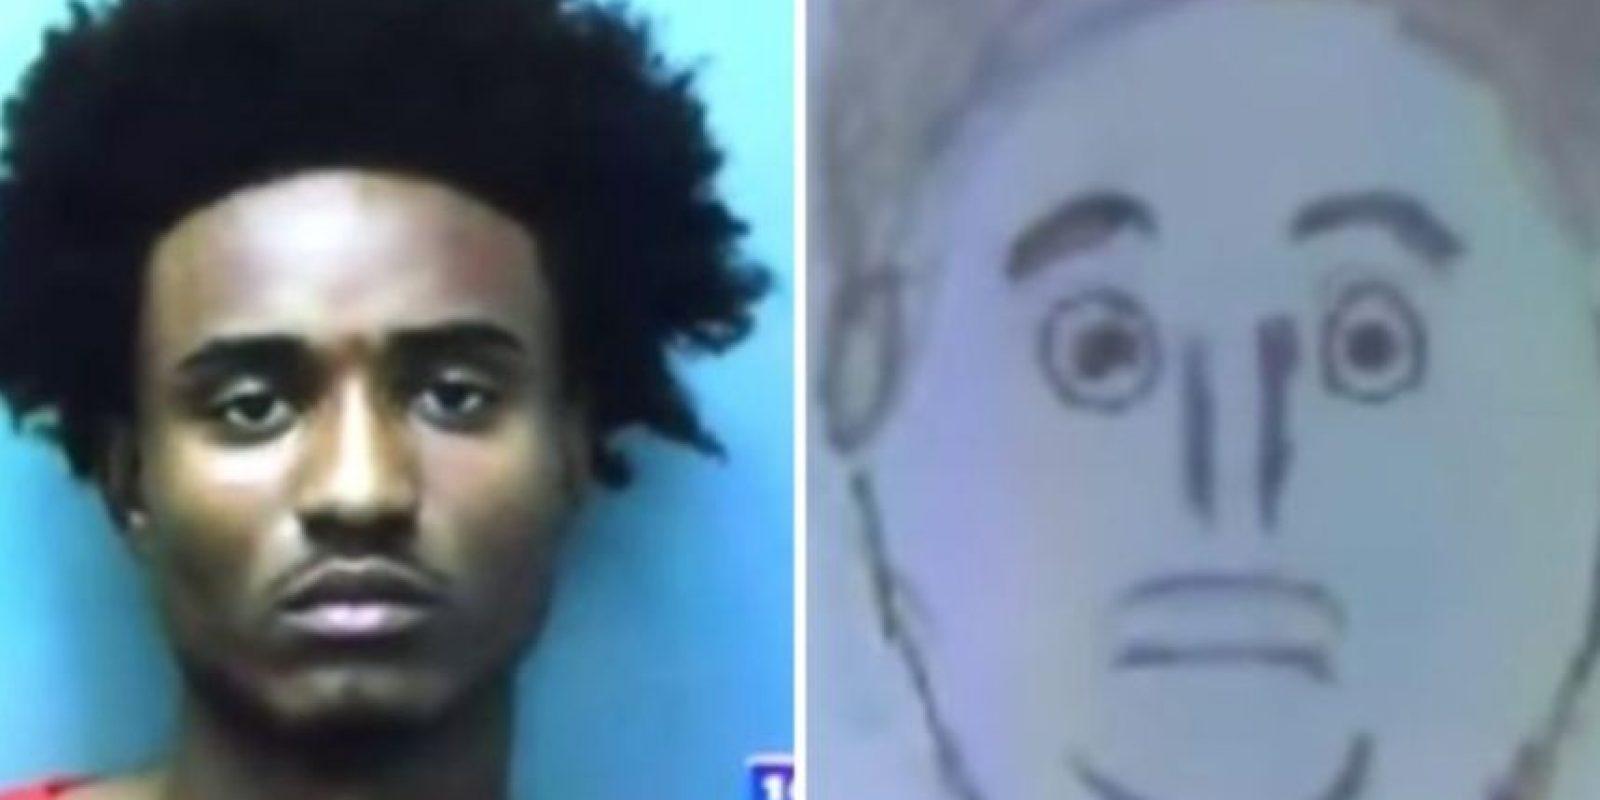 Este fue el dibujo del testigo. A continuación podrán conocer más retratos hablados que no se parecen tanto a los criminales. Foto:Vía Youtube